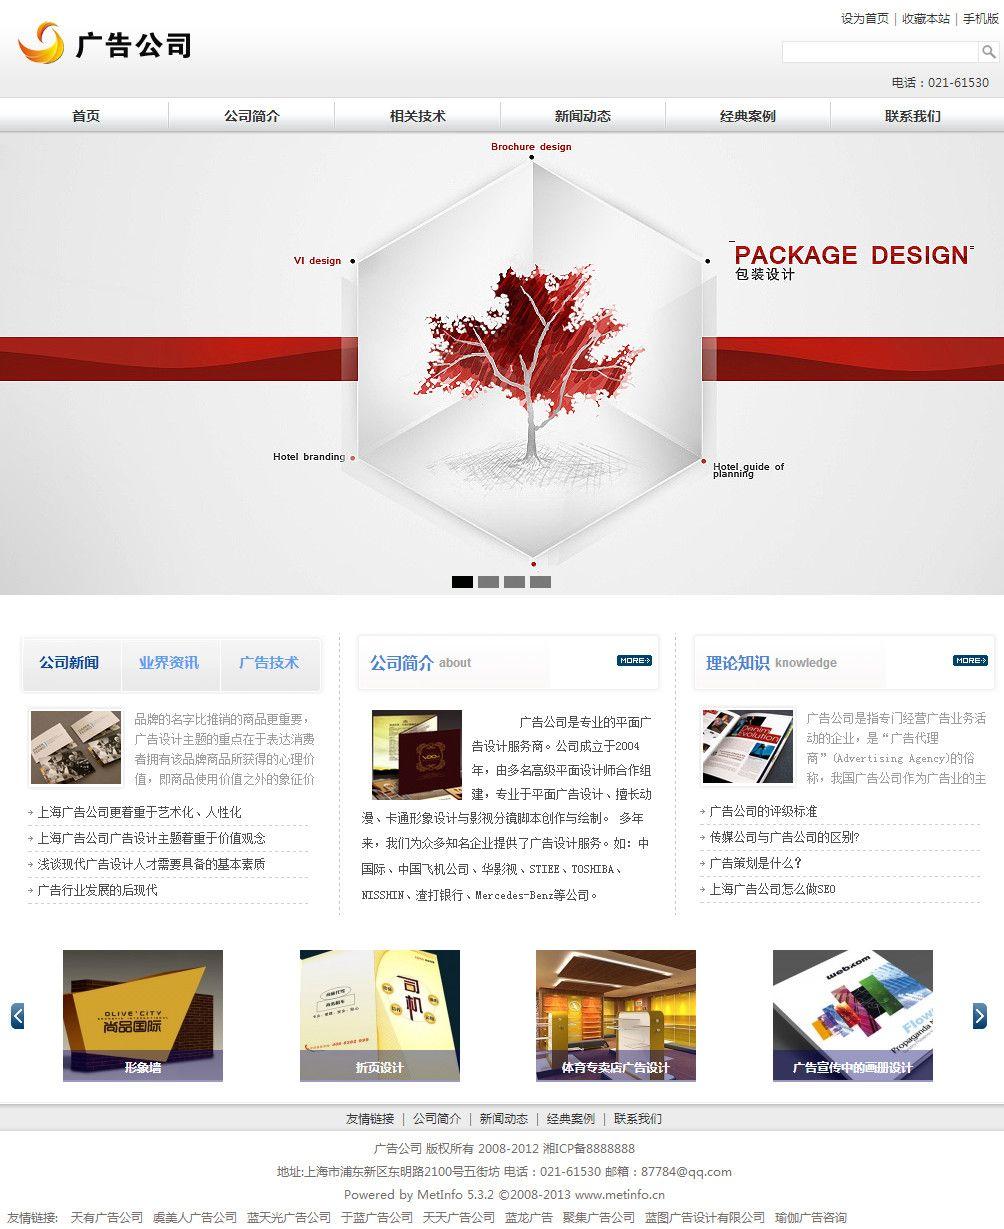 广告公司网站模板-整体效果